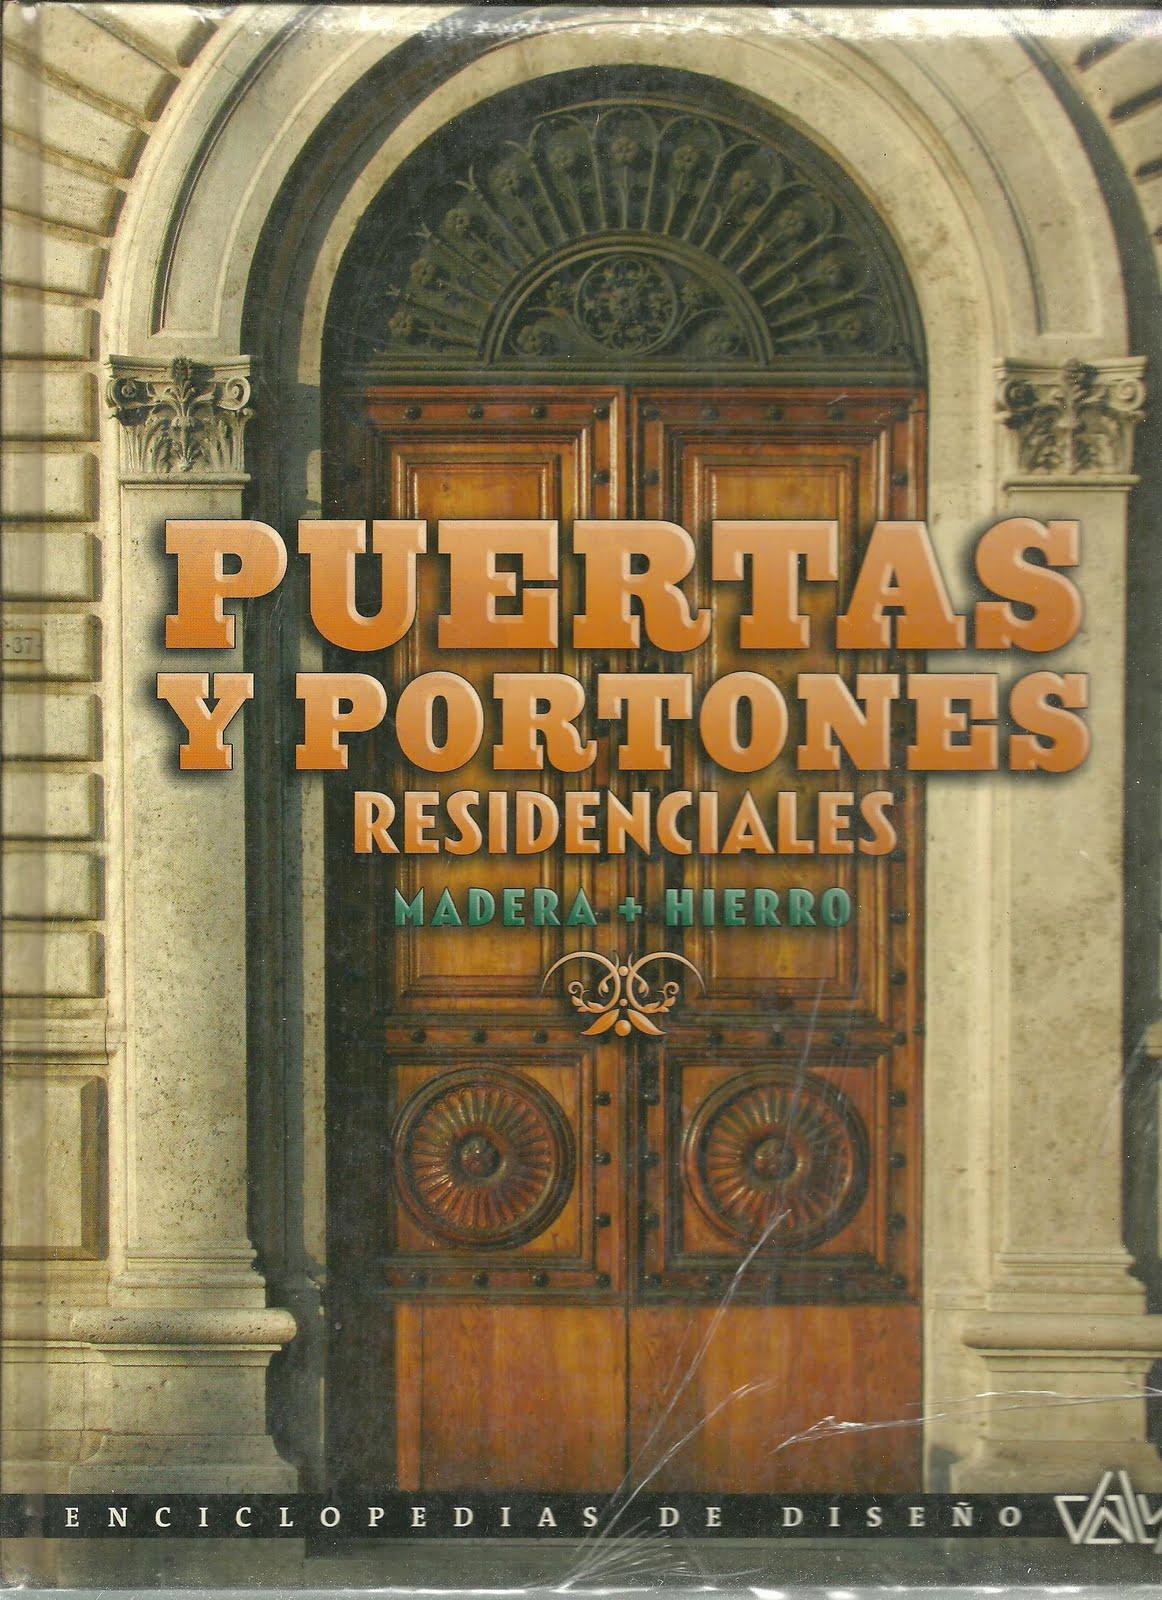 Libros dvds cd roms enciclopedias educaci n preescolar for Puertas y portones de madera